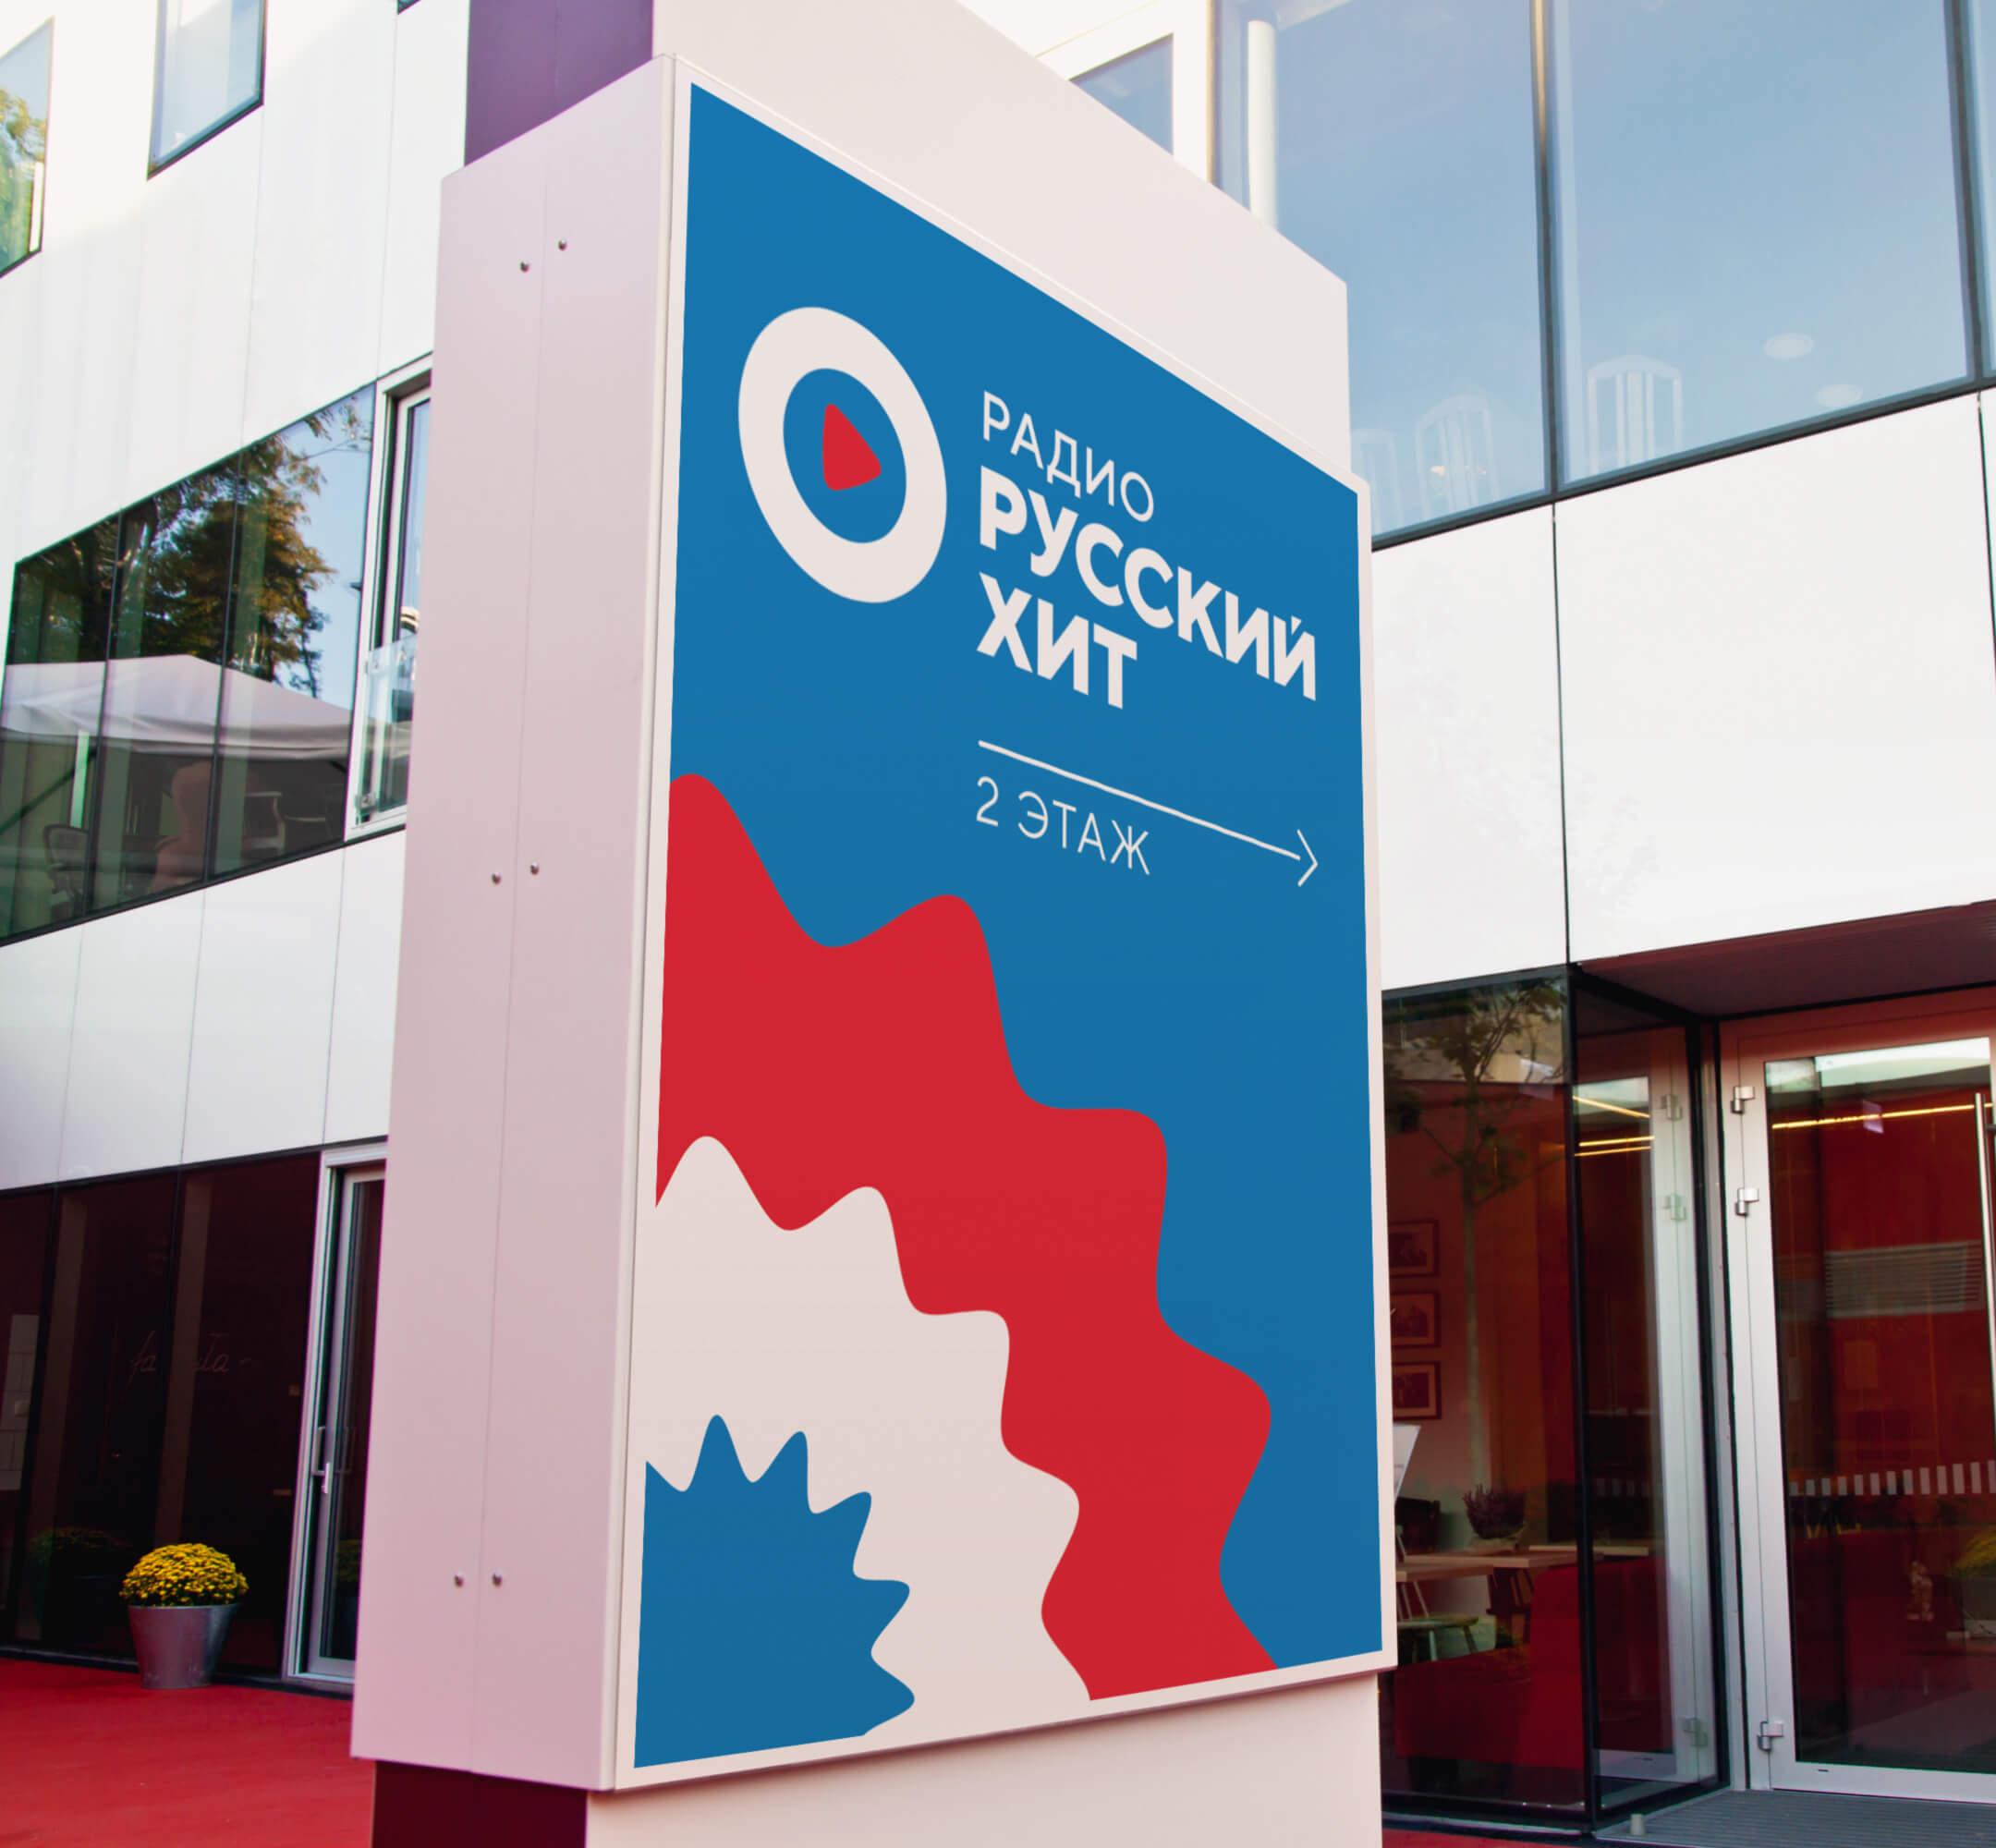 Дизайн фирменного стиля и логотипа для радио Русский Хит.